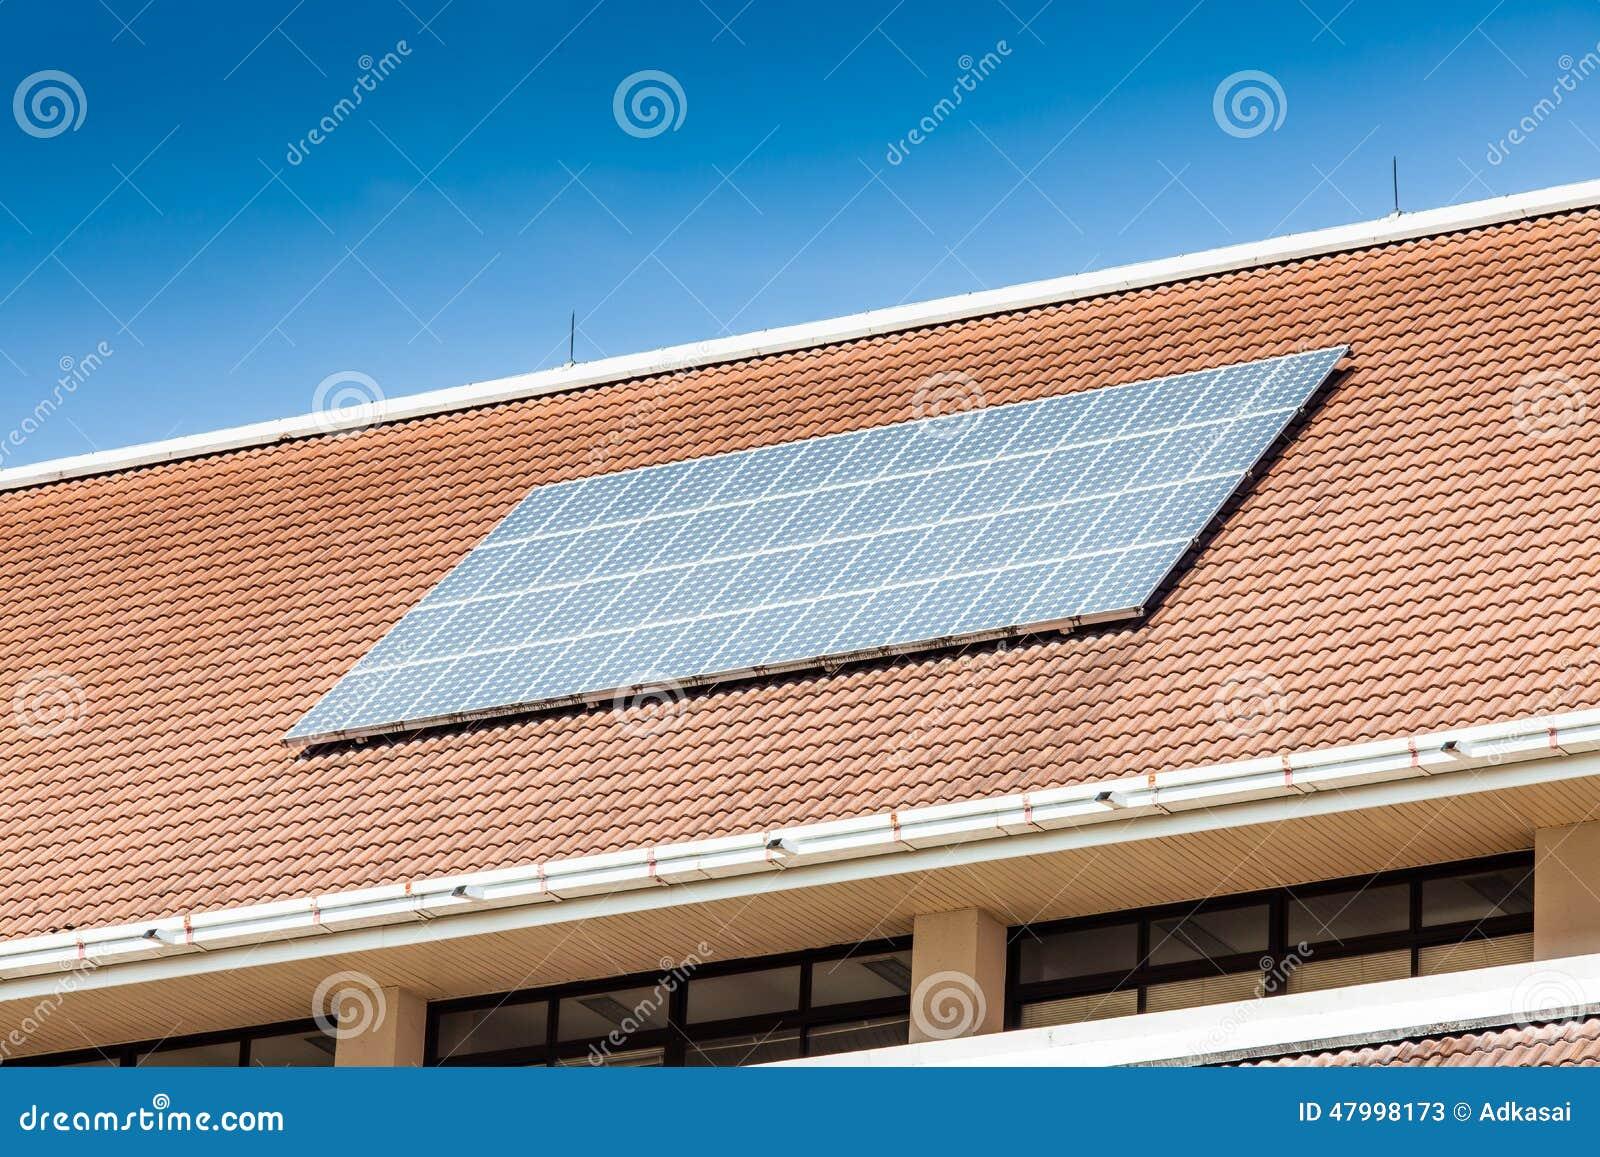 panneau solaire sur le toit de l 39 immeuble de bureaux photo stock image 47998173. Black Bedroom Furniture Sets. Home Design Ideas